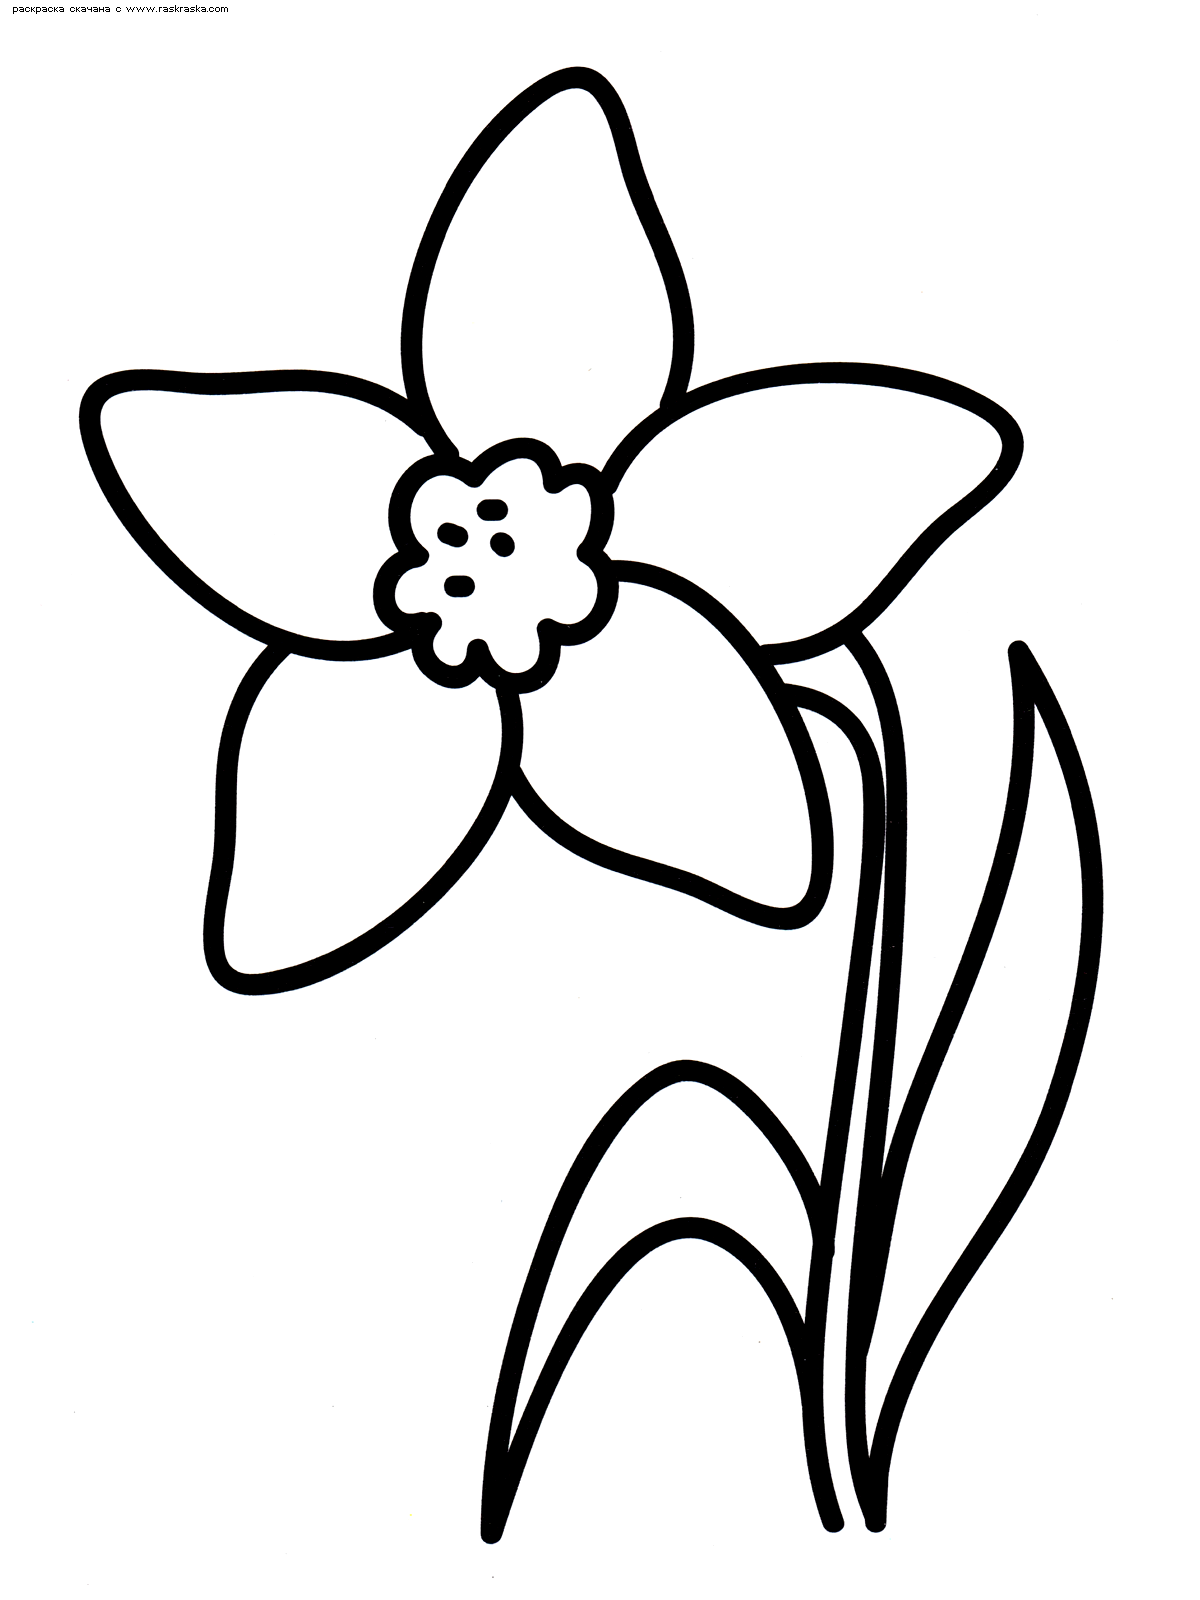 Раскраска Нарцисс | Раскраски цветов для маленьких детей